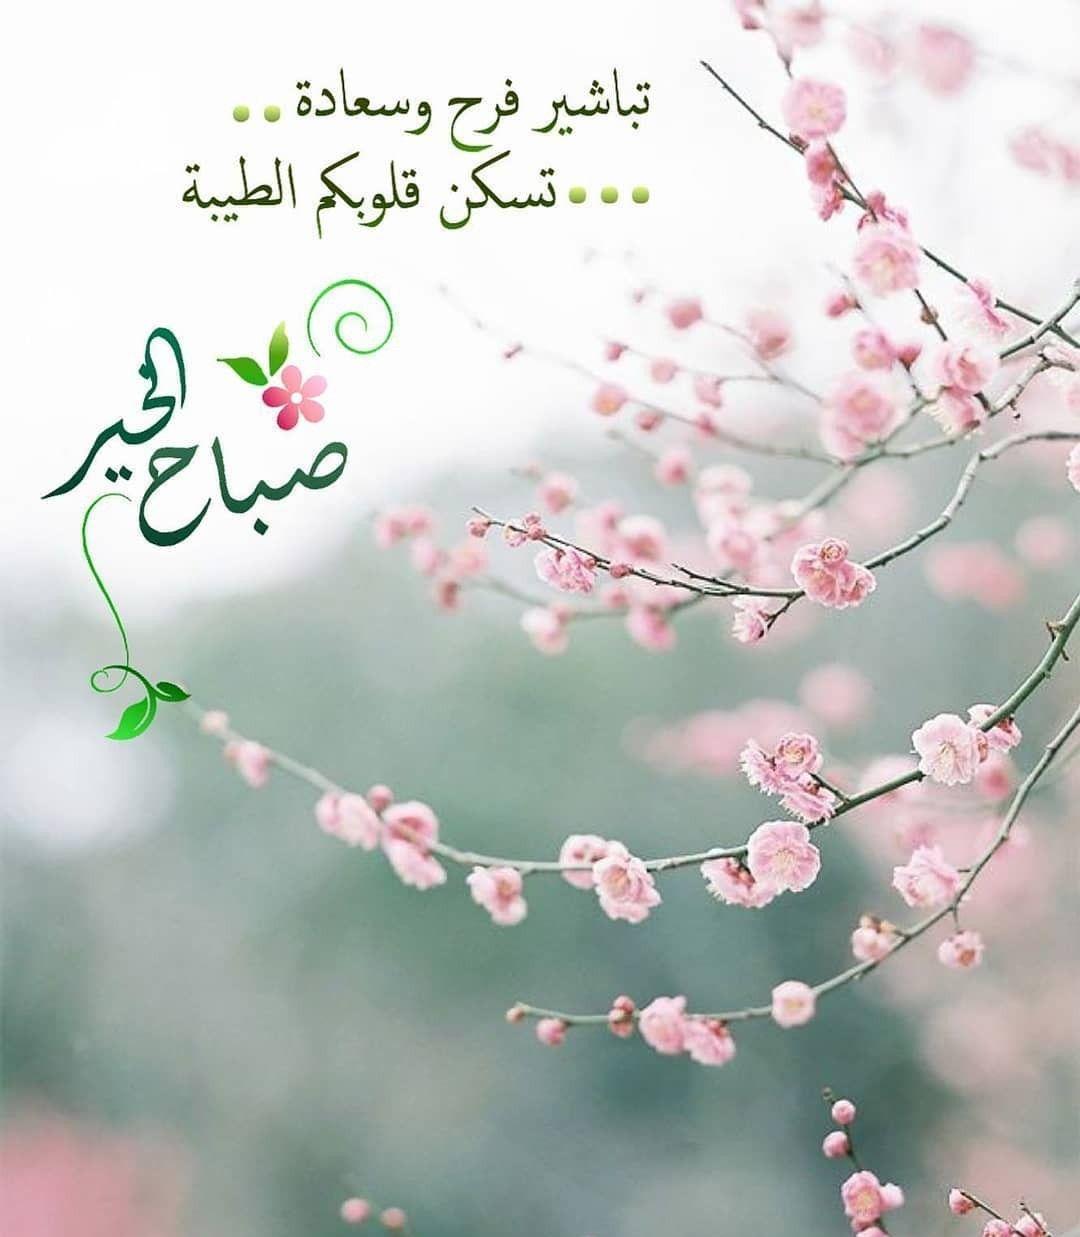 يصادفنا شيء جميل هذا الصباح يغرق قلوبنا بالسعادة هذا ما يسمونه العيد اللهم كلل أيامنا بالخير وا Ramadan Wishes Happy Eid Eid Mubarik